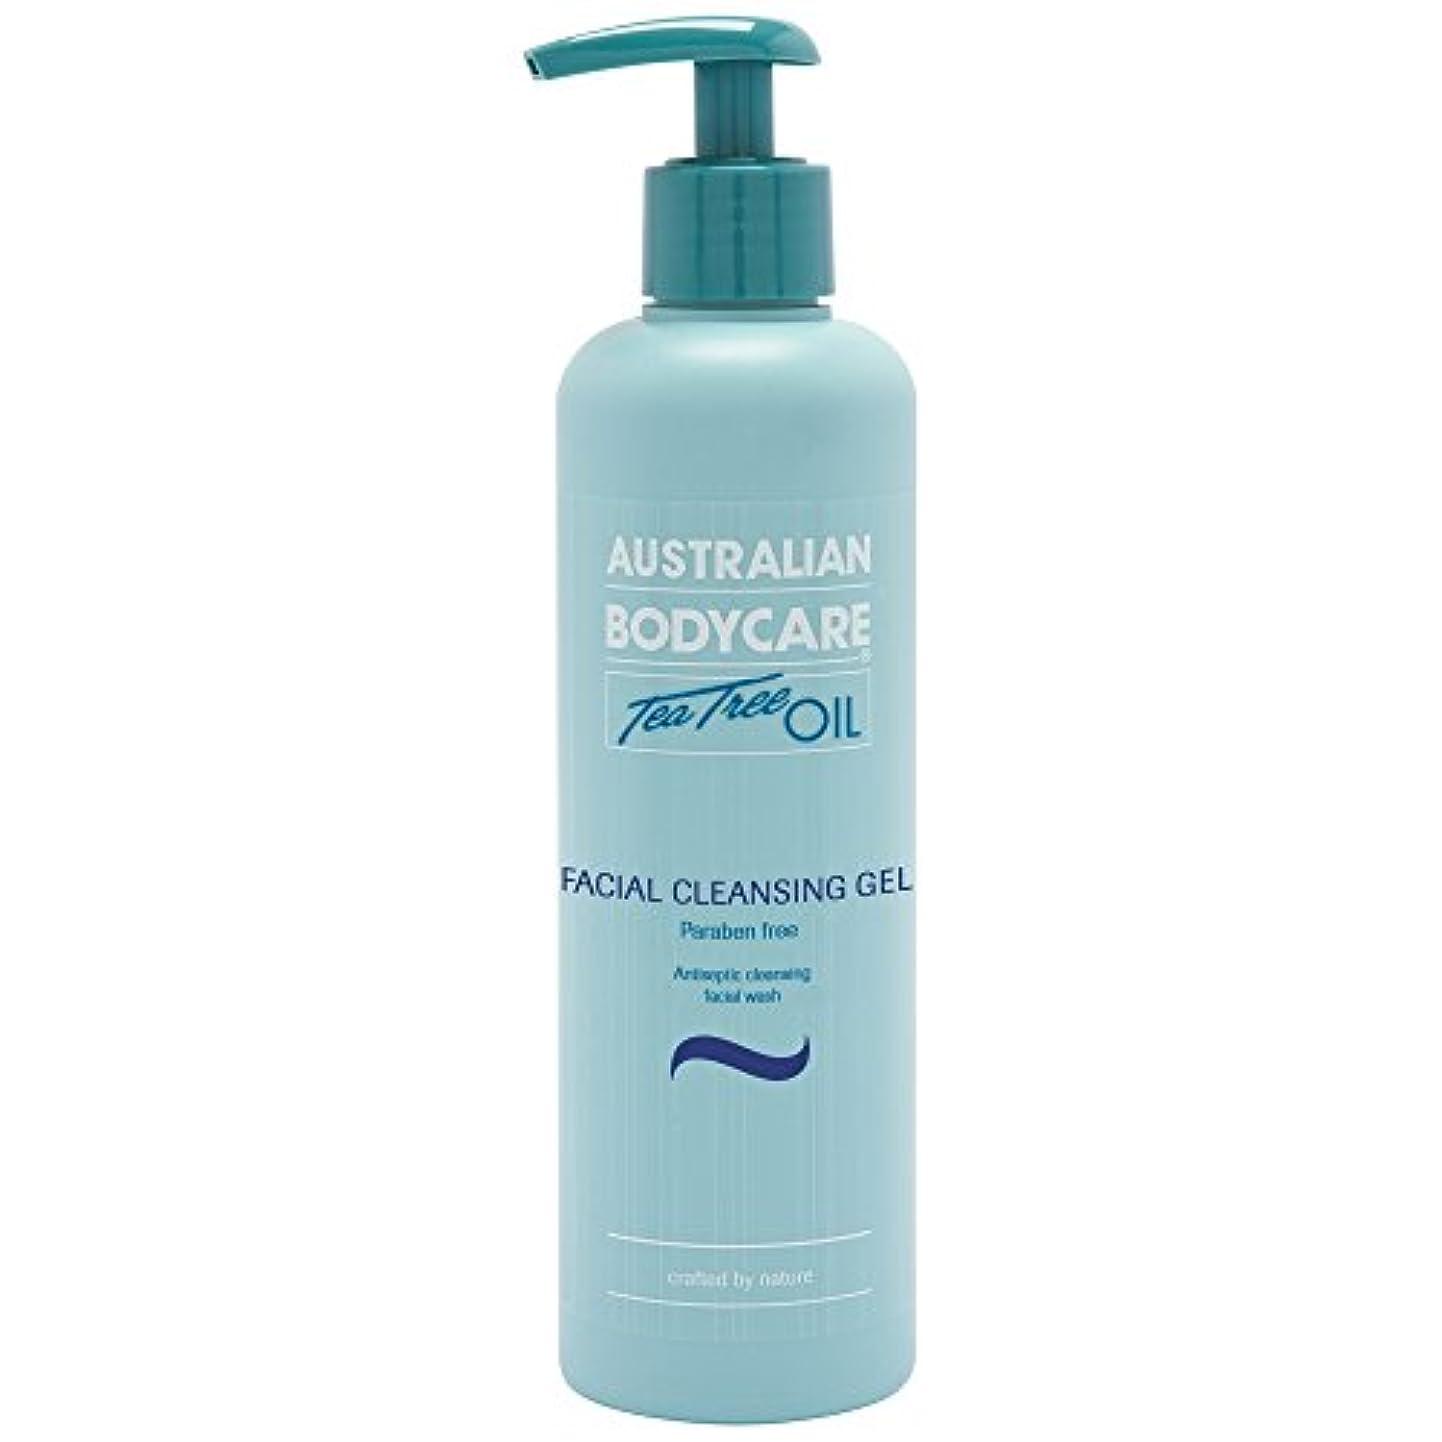 オーストラリアのボディーケアティーツリーオイル洗顔ゲル250ミリリットル (Australian Bodycare) (x6) - Australian Bodycare Tea Tree Oil Facial Cleansing...